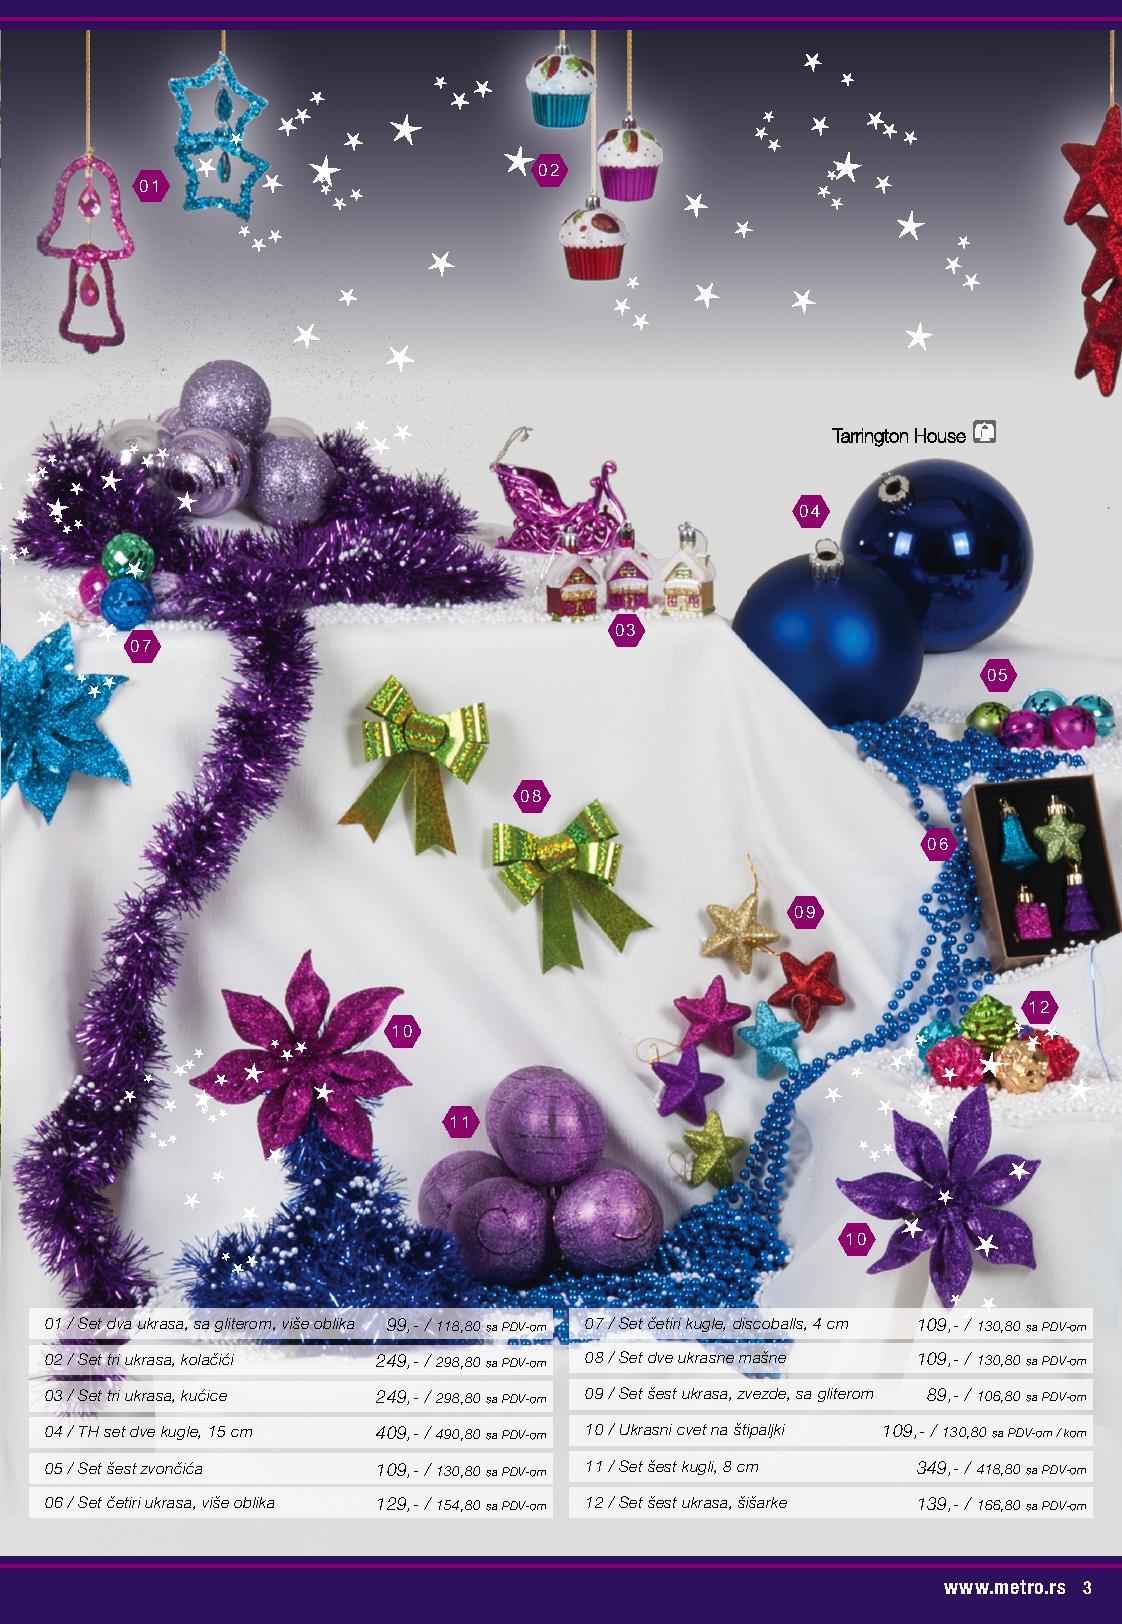 Metro katalog novogodišnji ukrasi